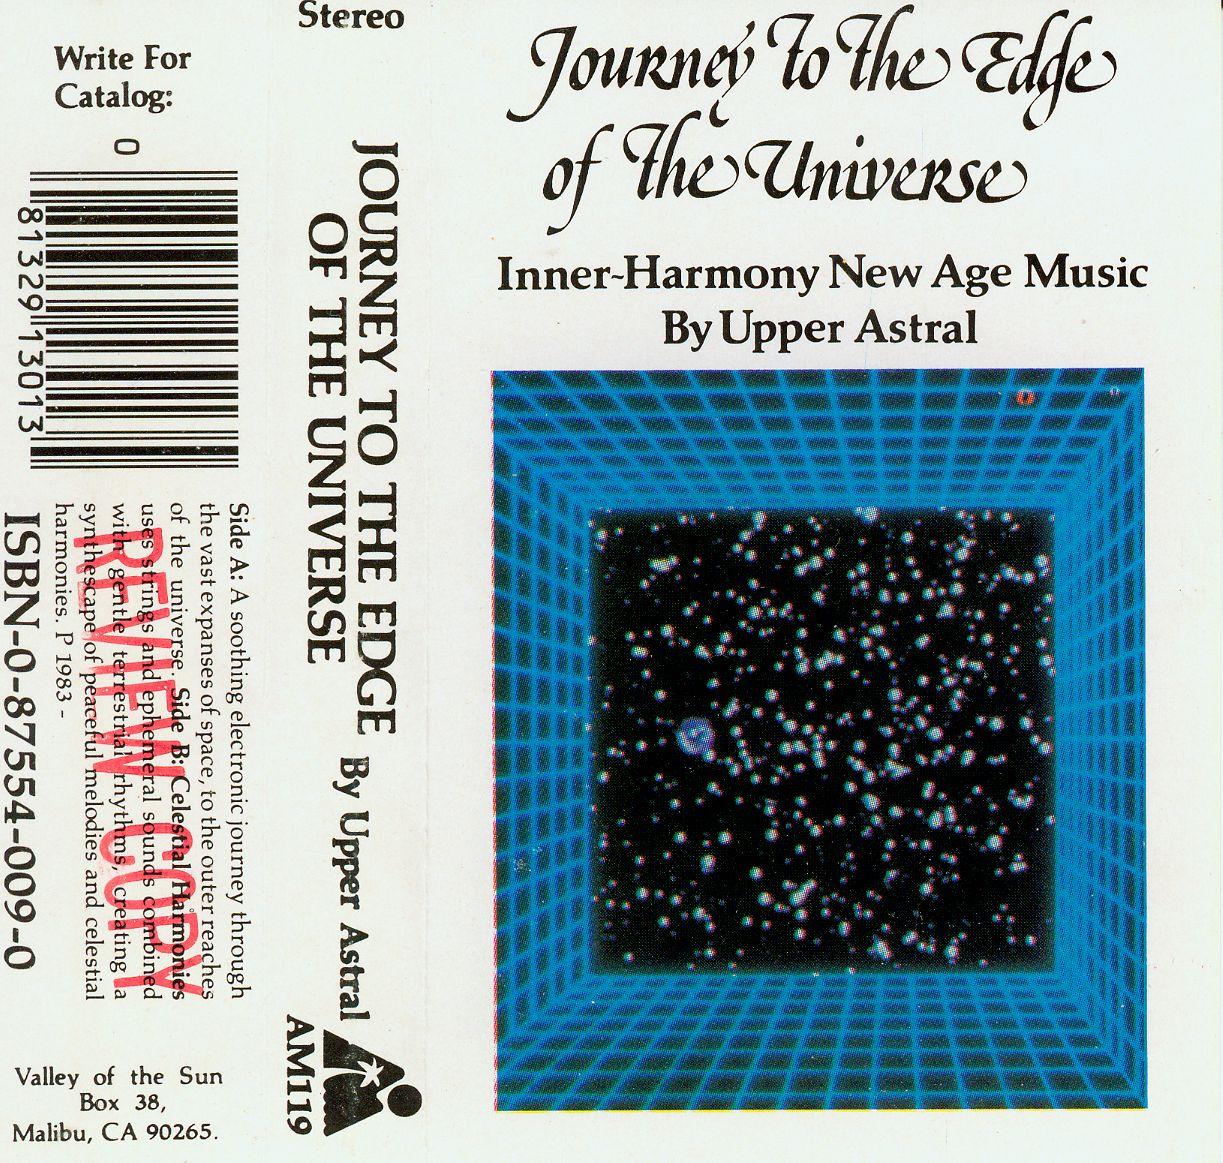 Upper Astral Upper Astral Suite